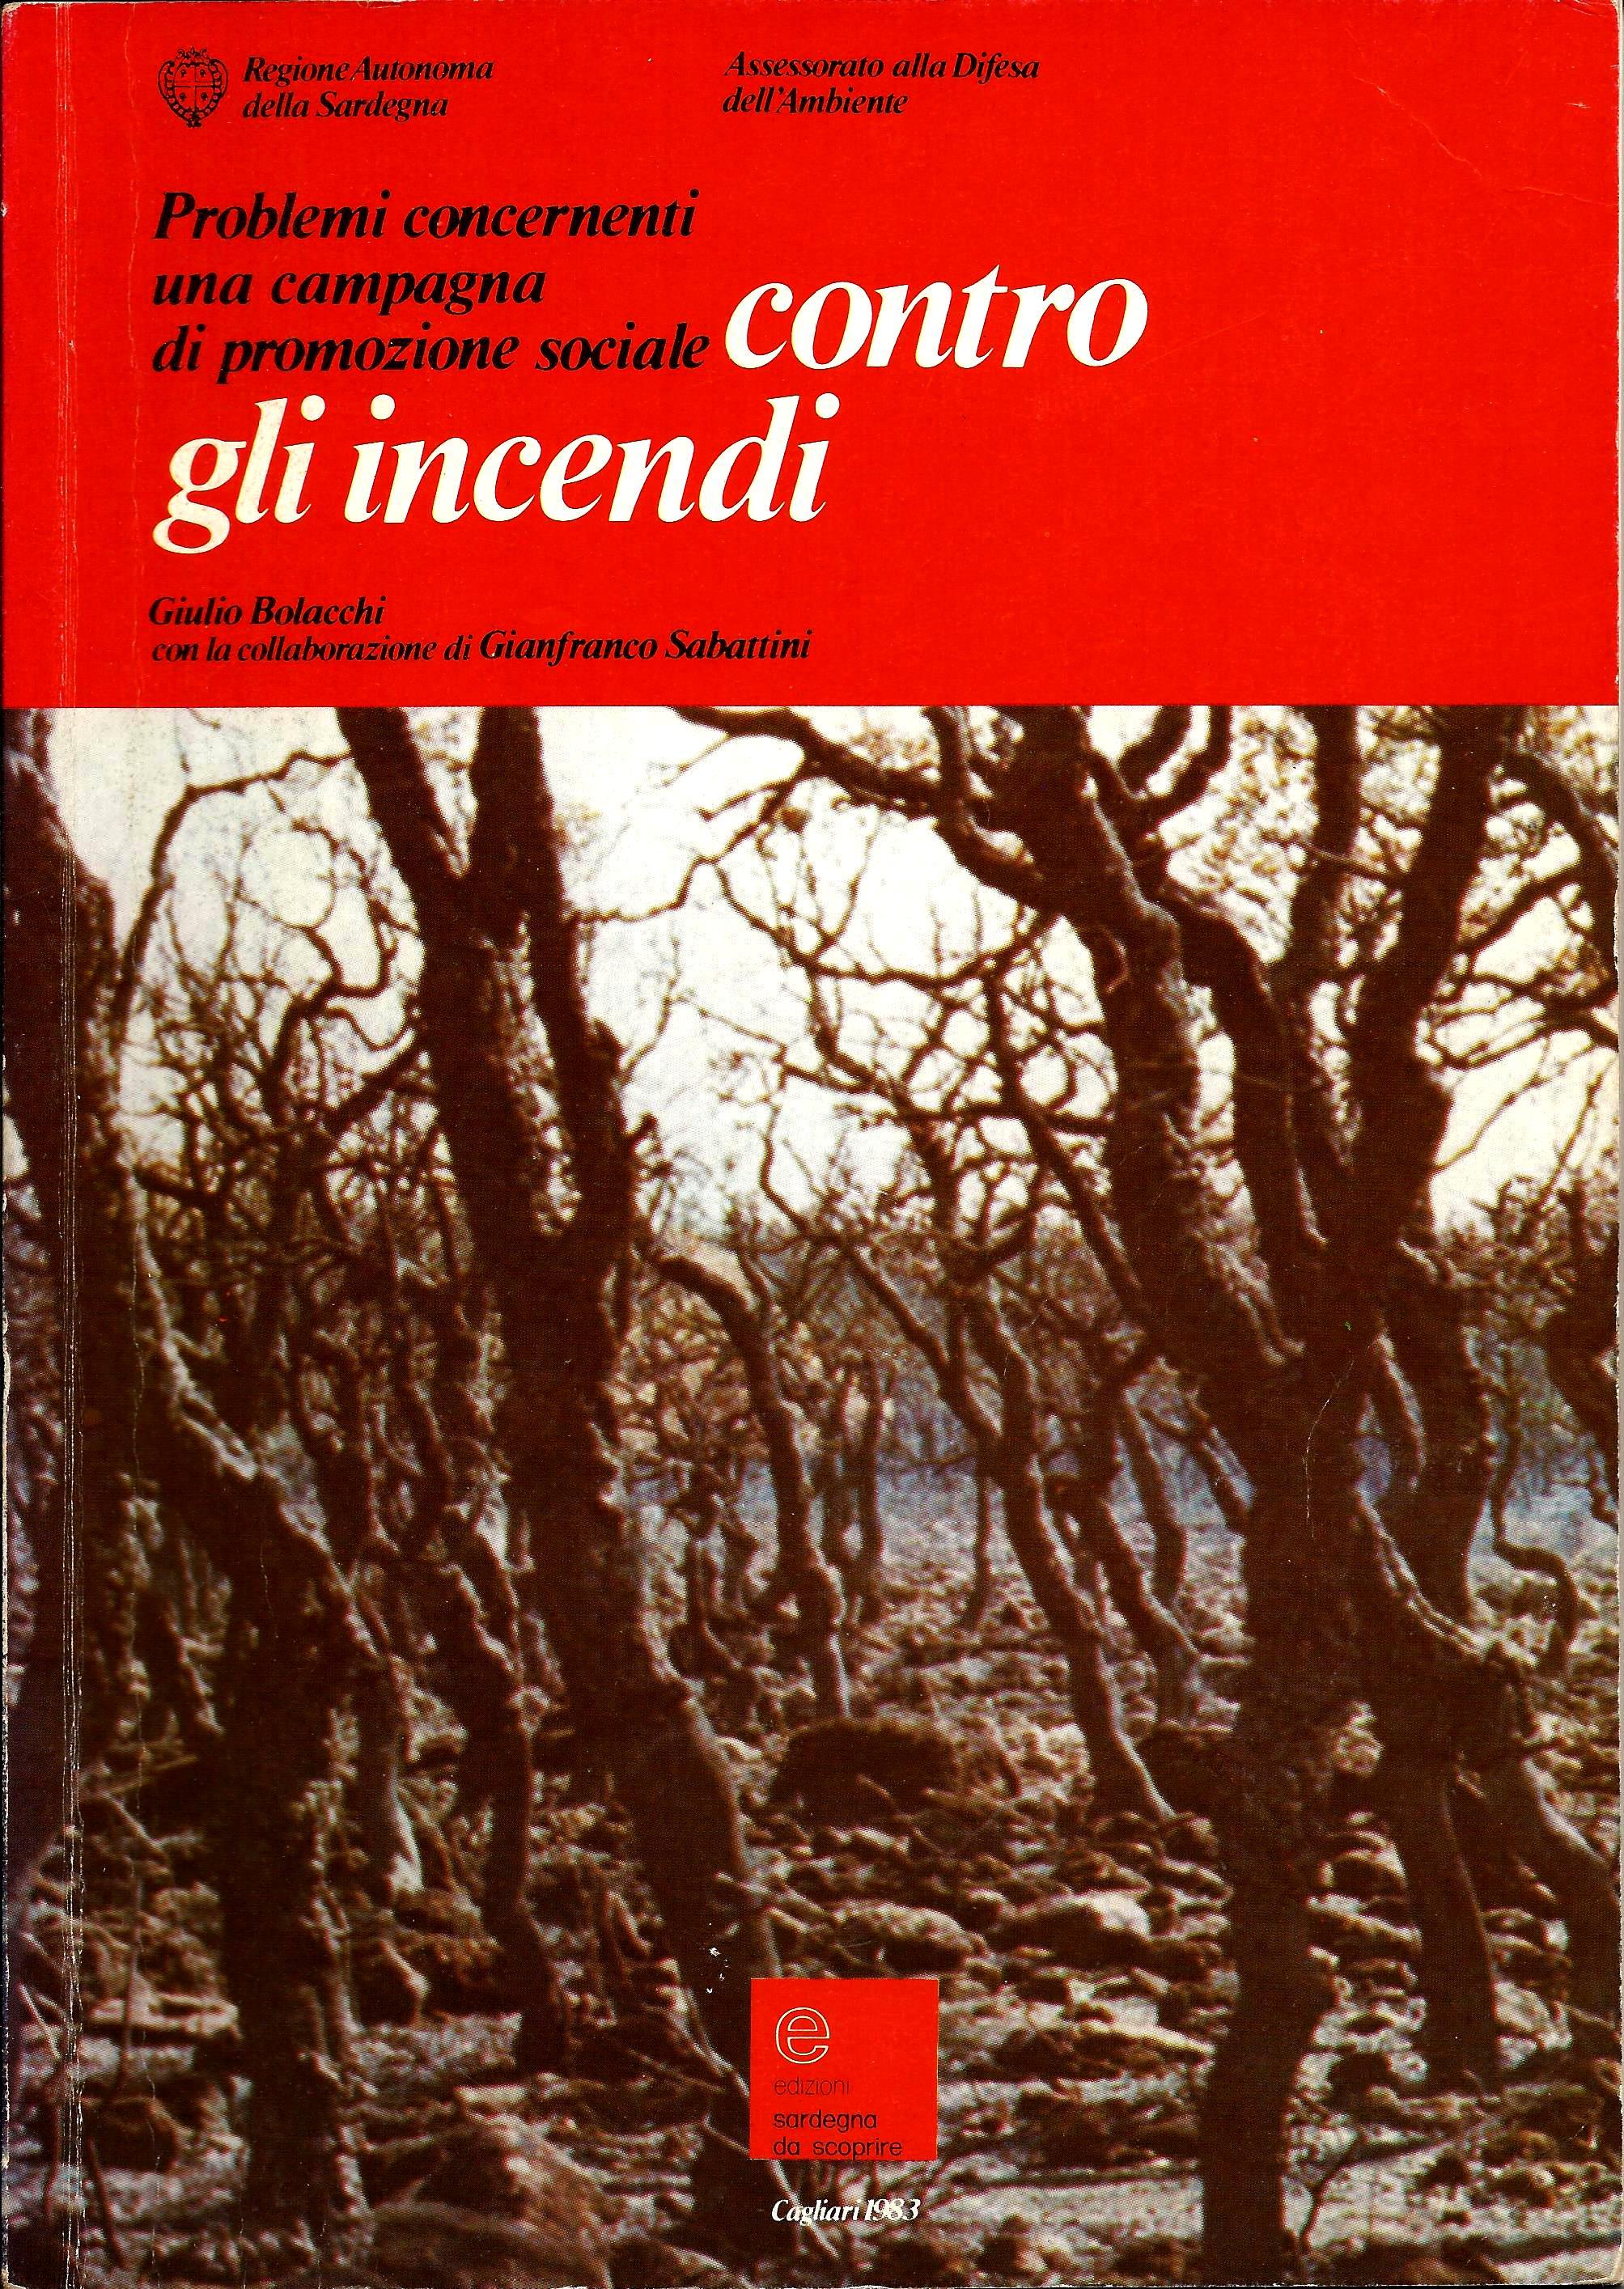 G. Bolacchi, Problemi concernenti una campagna di promozione sociale contro gli incendi, Edizioni Sardegna da scoprire, Cagliari, 1983